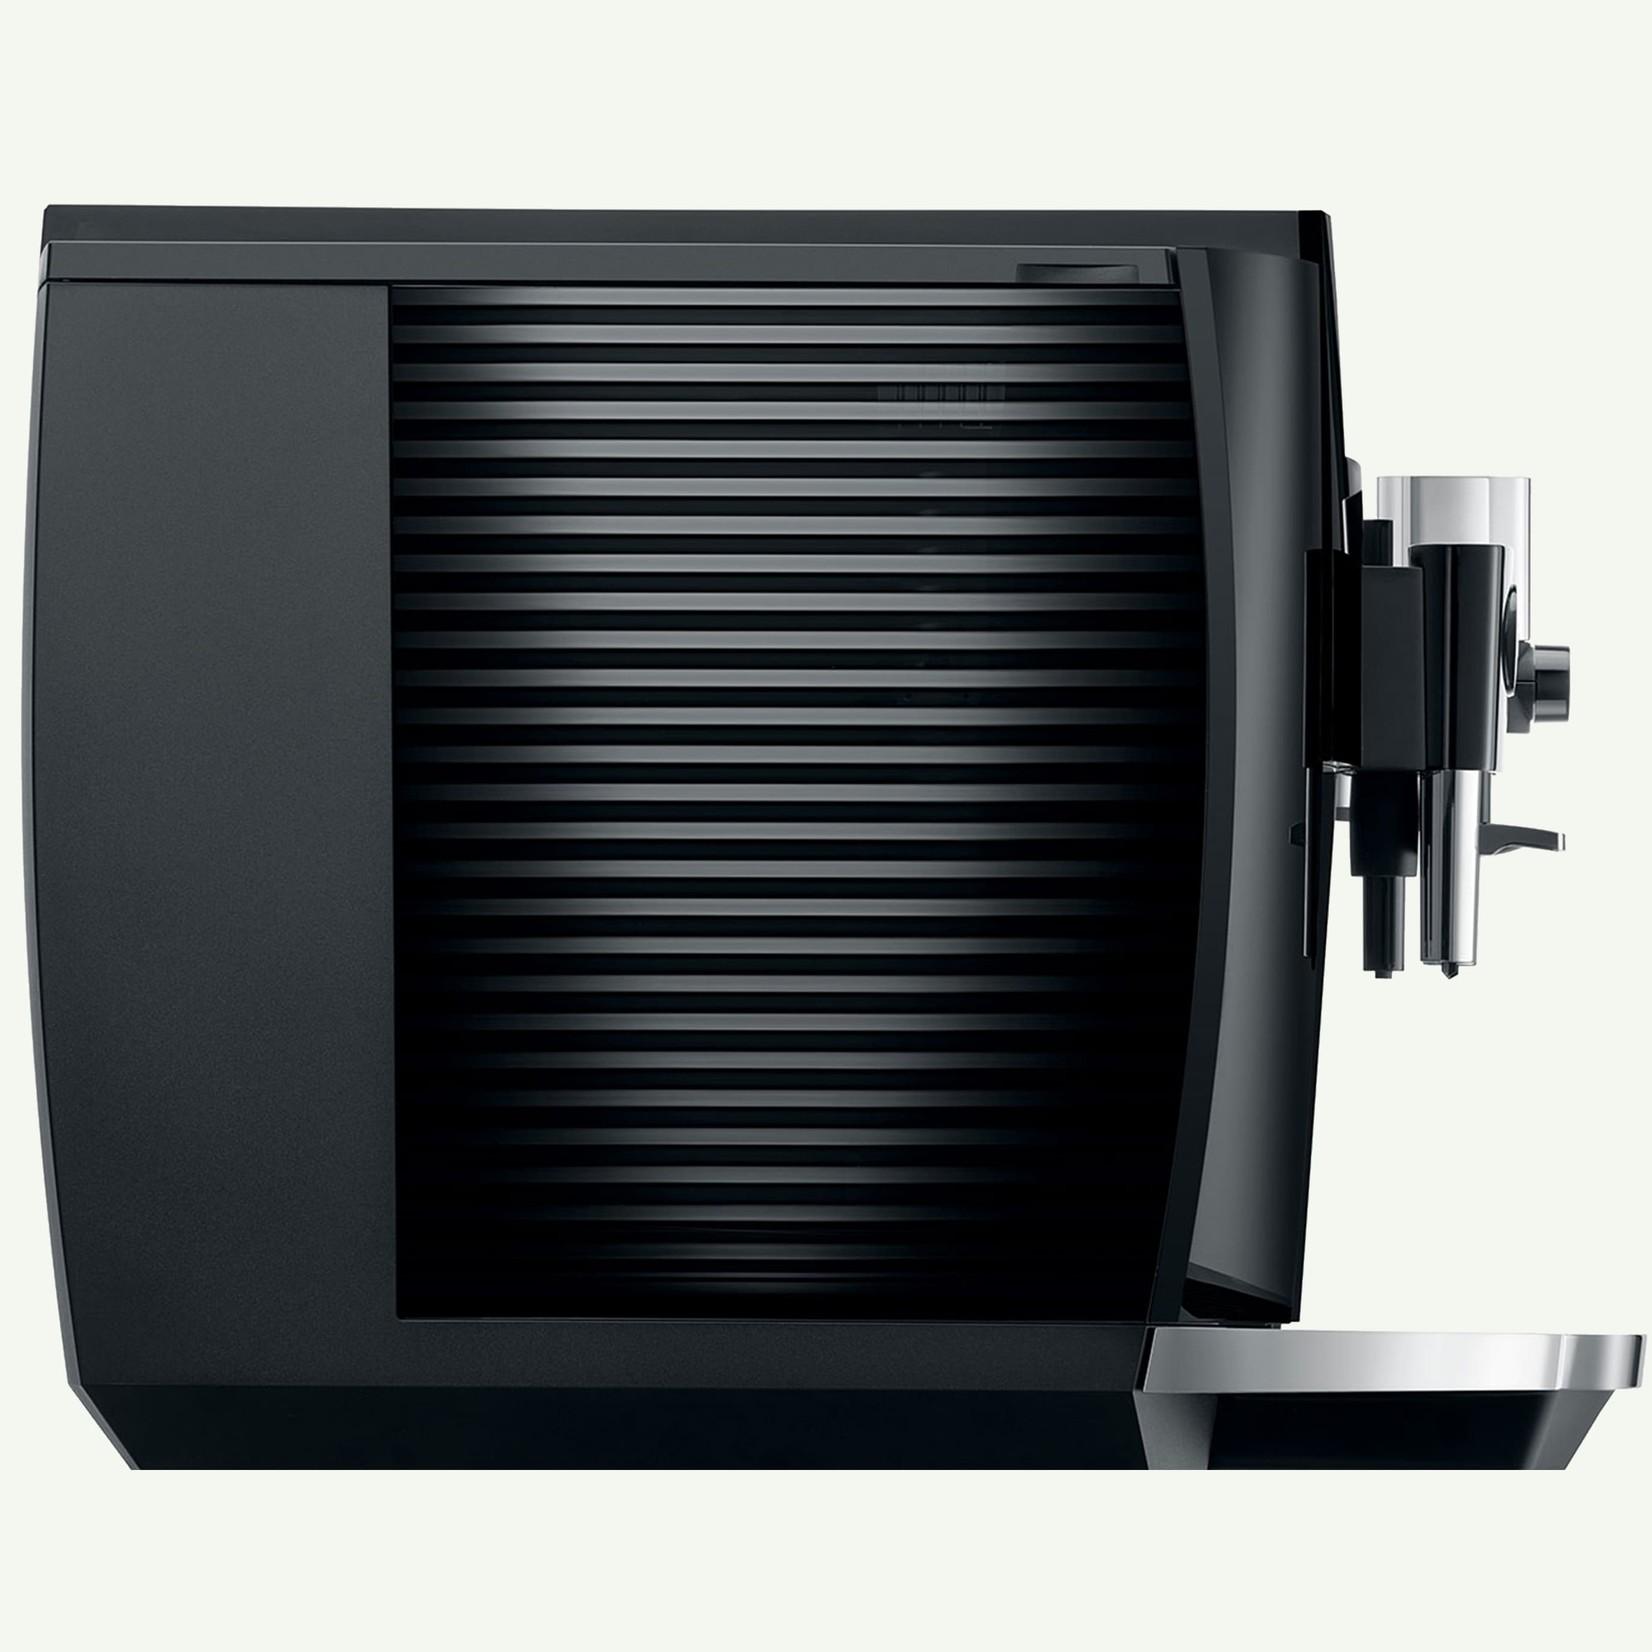 Jura Jura E8 Piano Black